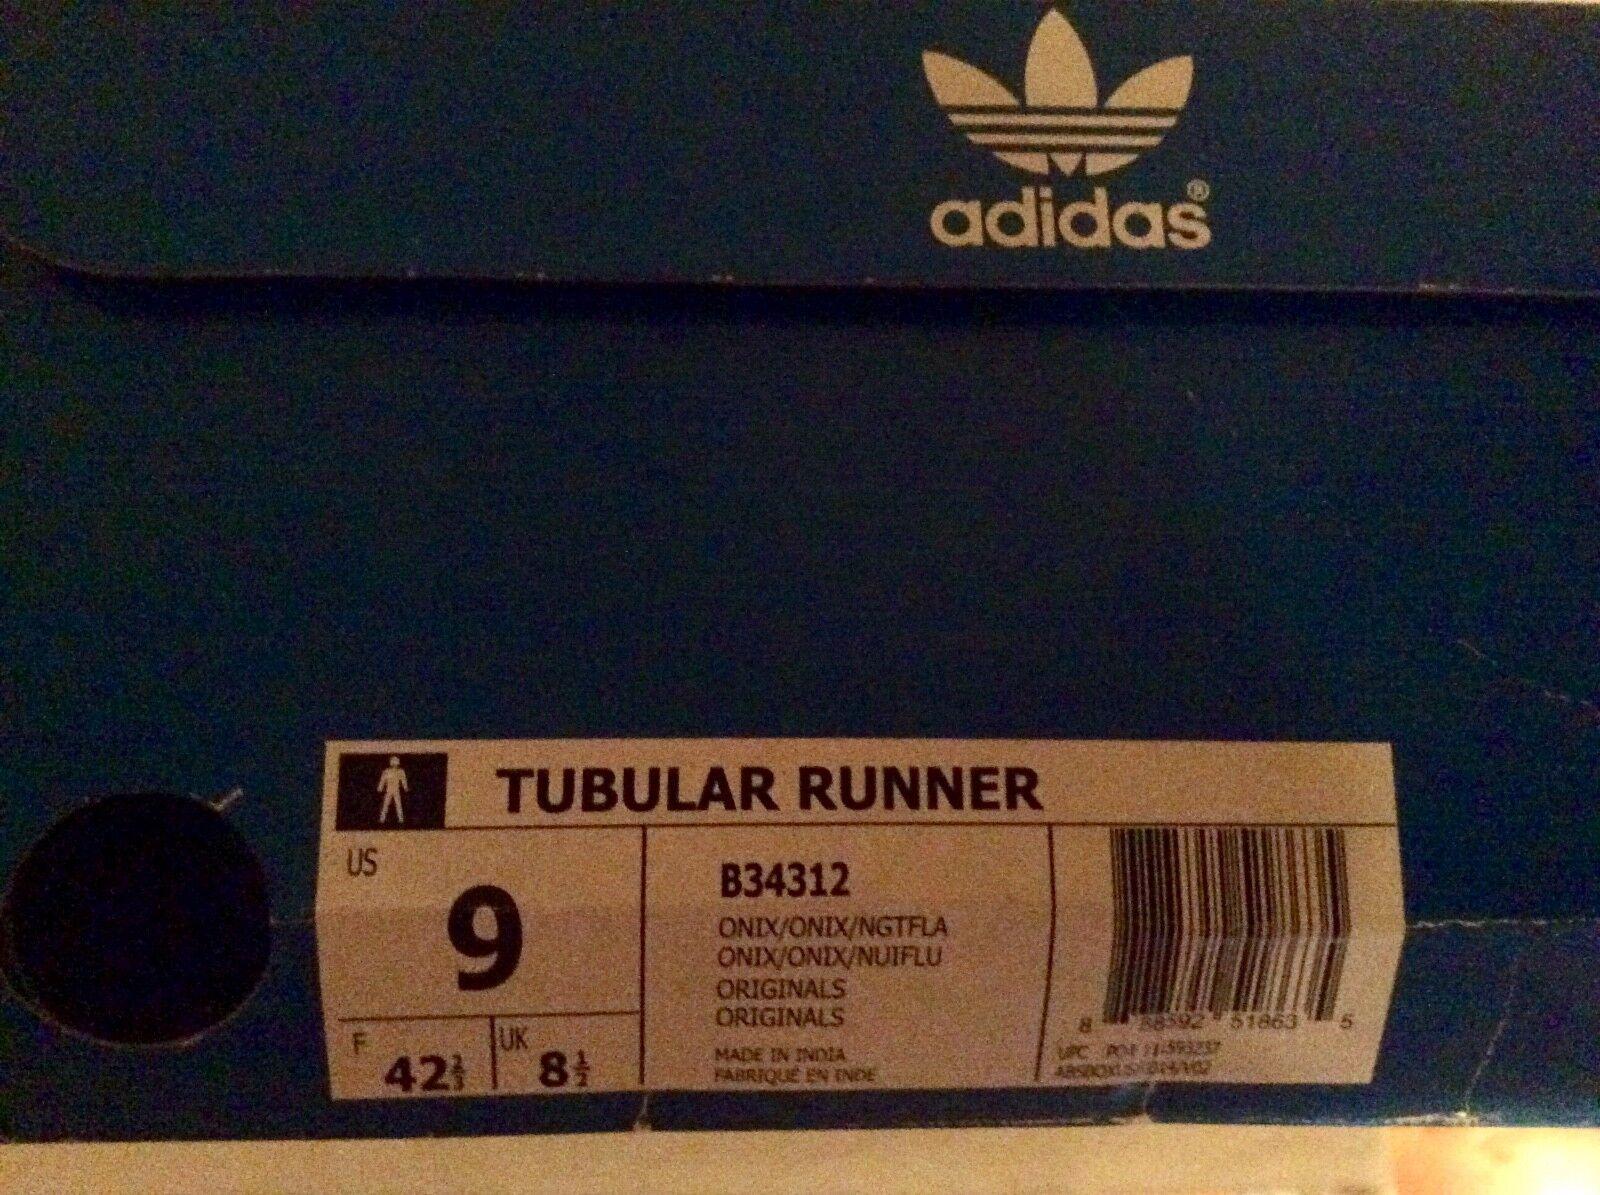 männer adidas grauen läufer, tubuläre läufer, grauen größe 9. 024783